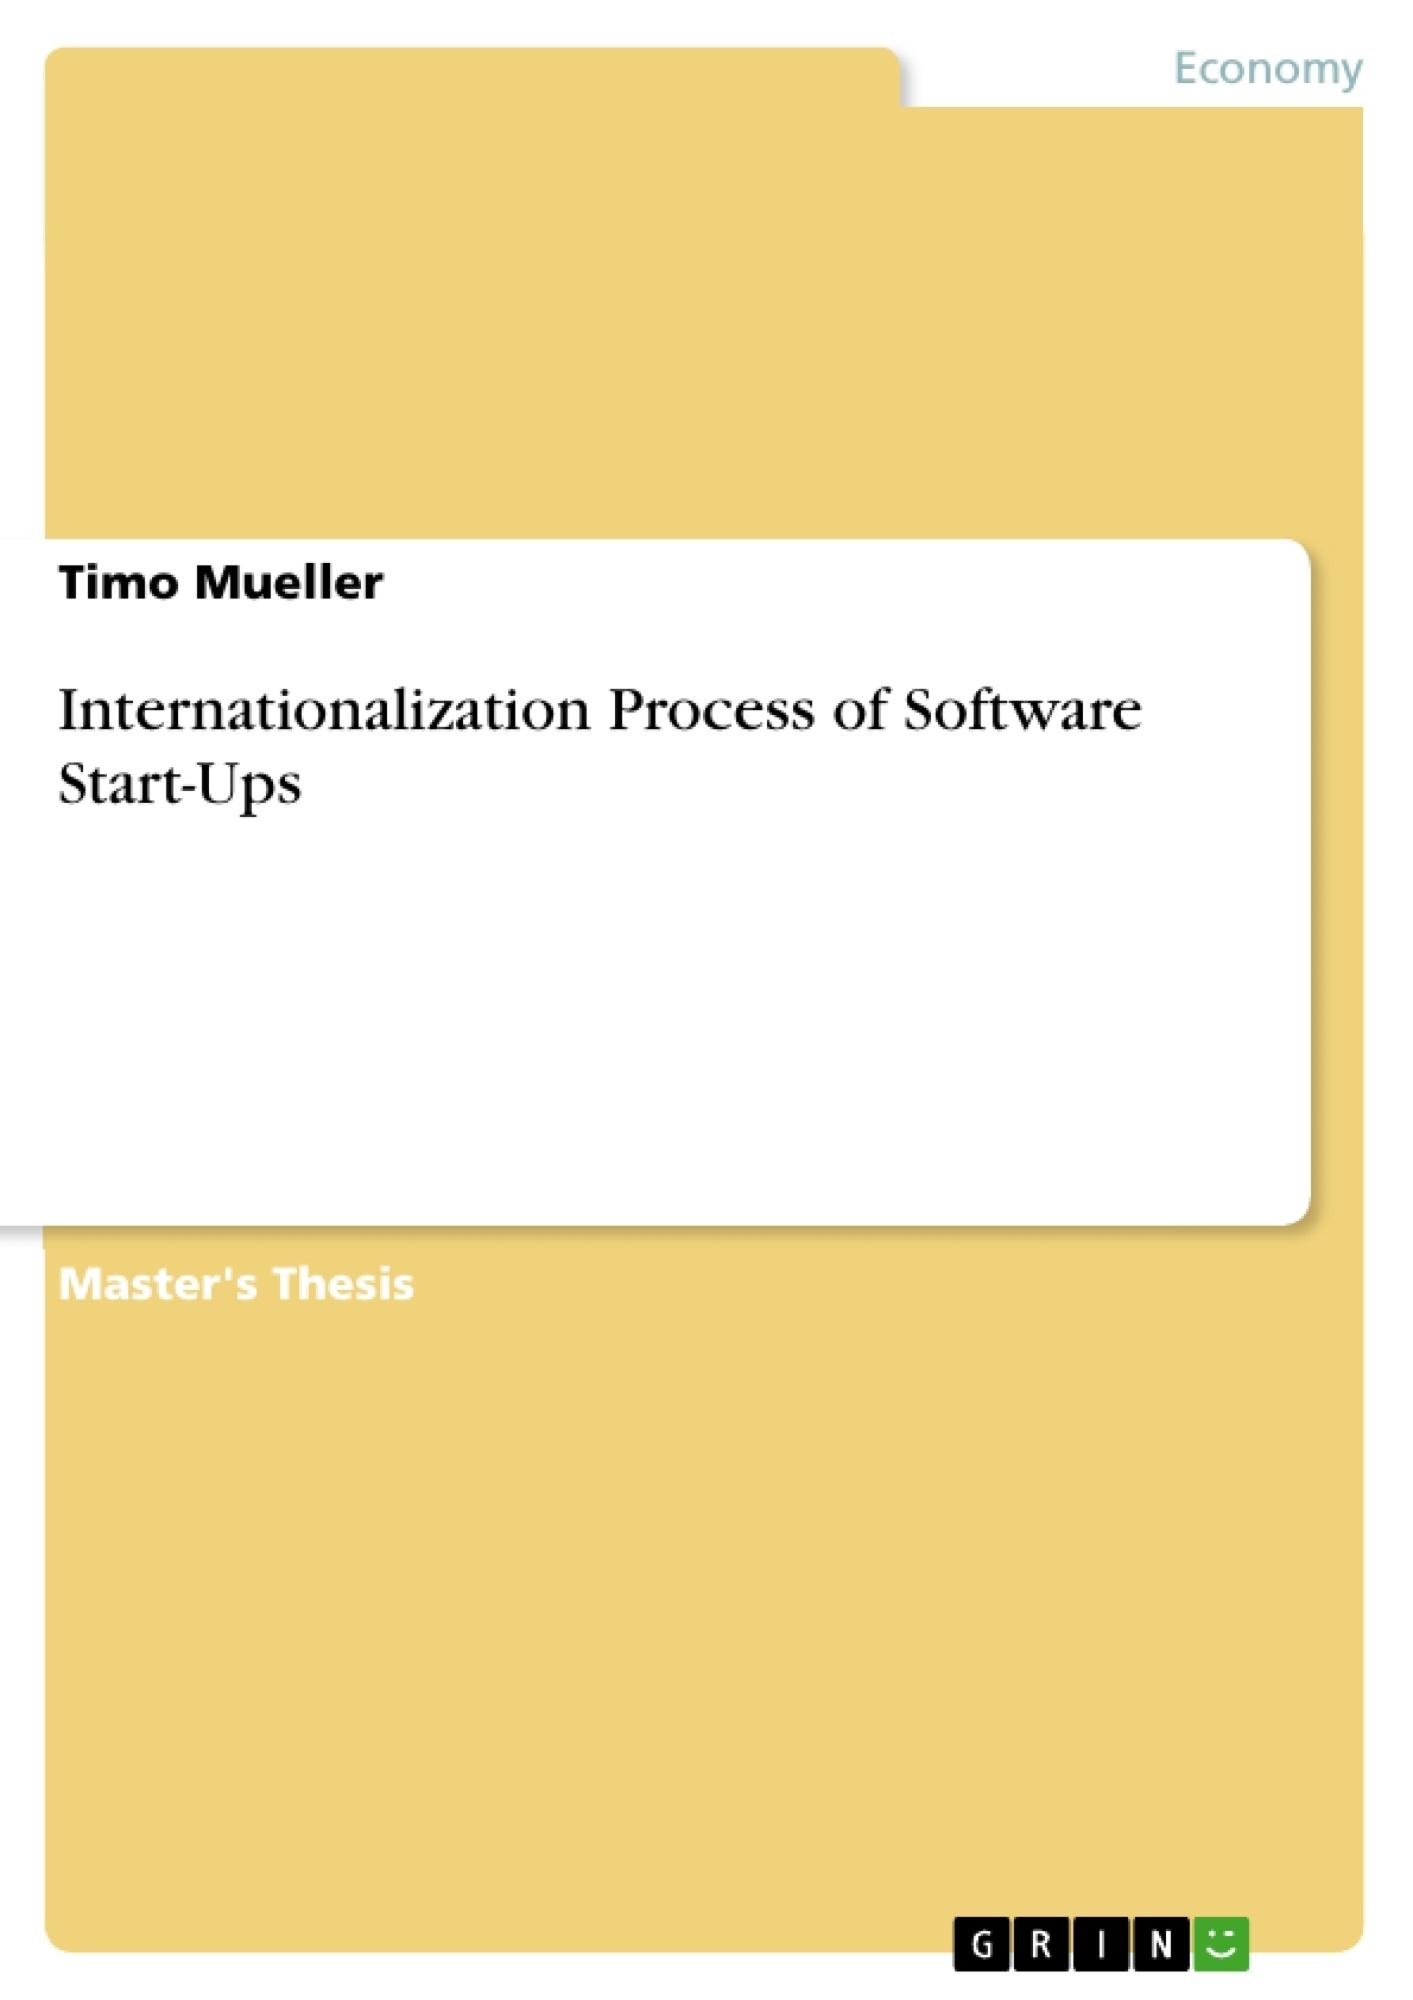 Title: Internationalization Process of Software Start-Ups